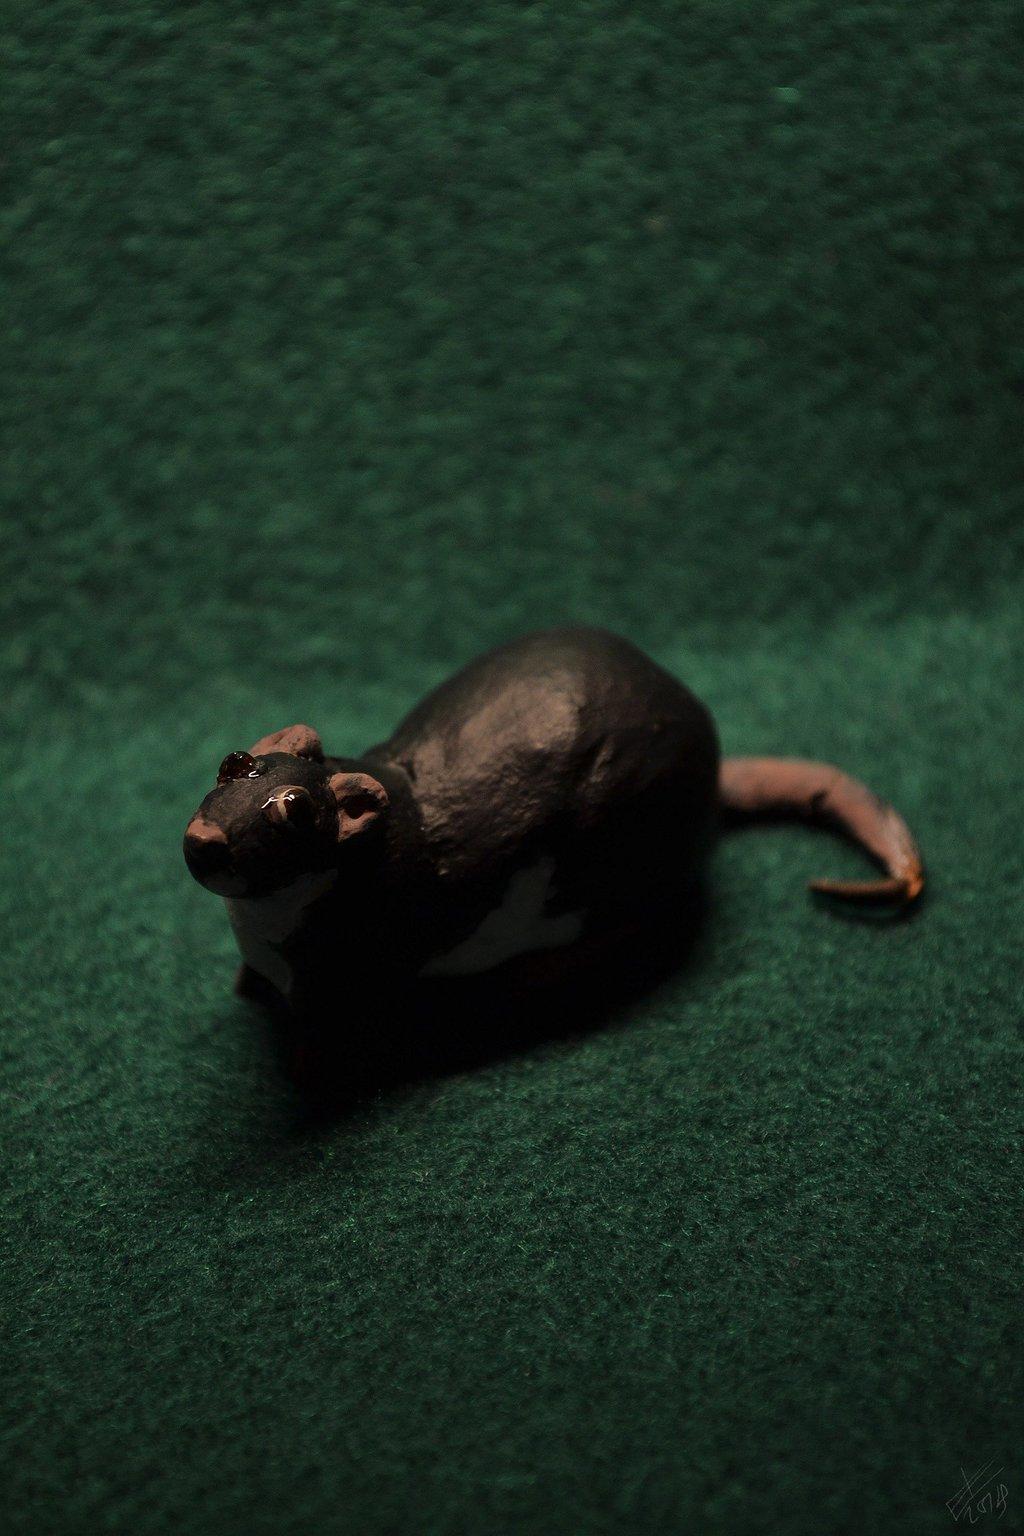 Poor little rat